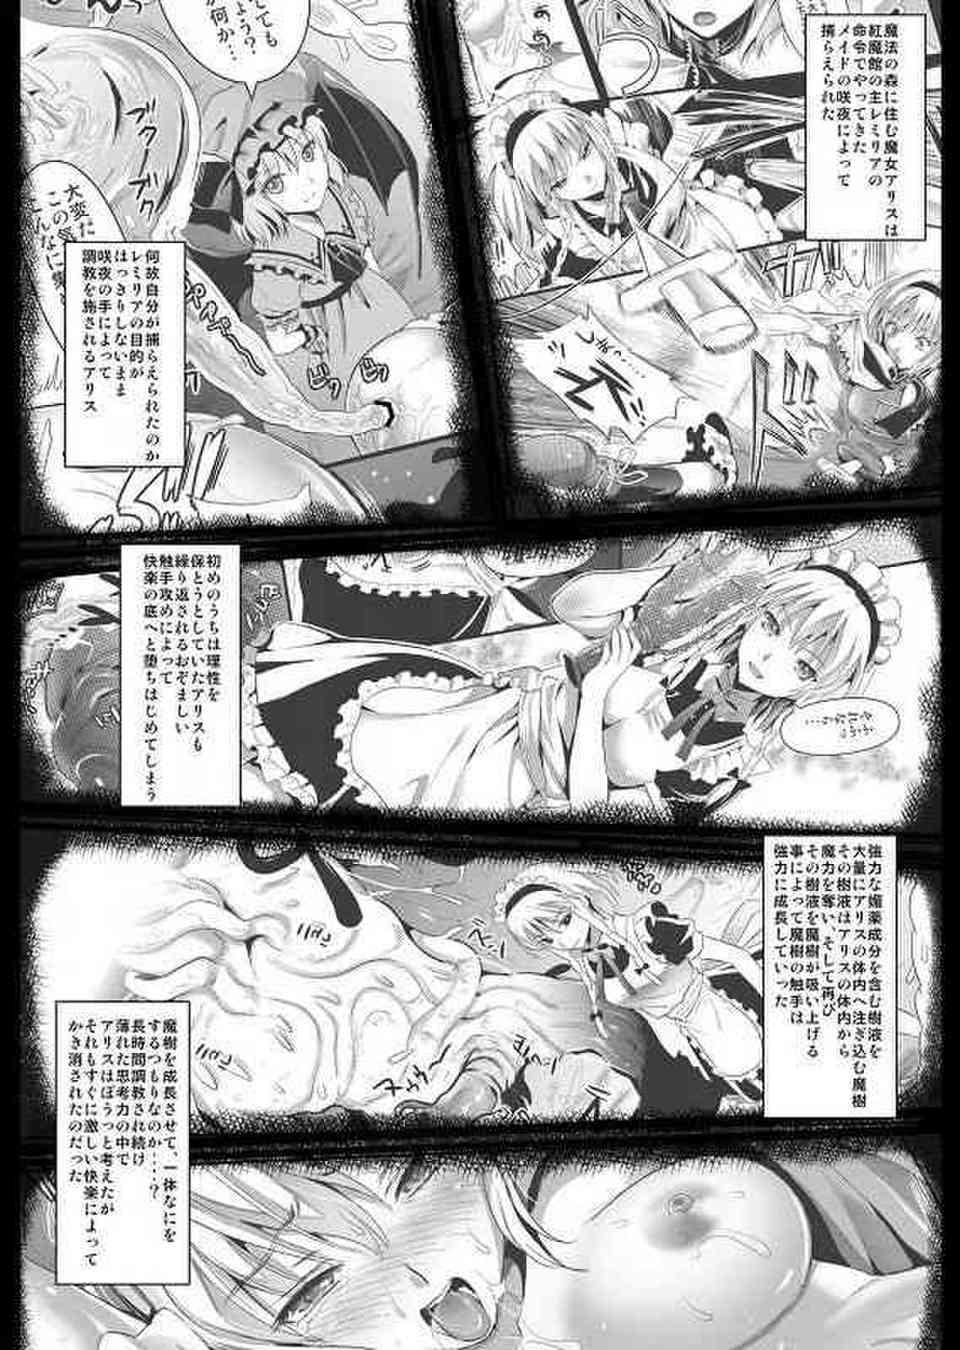 [東方の同人誌]アリスは性奴隷のように触手に何度も絶頂させられていた…。男たちに輪姦され、精液肉便所のように何百人ものザーメンを注がれ腹ボテアクメ!002